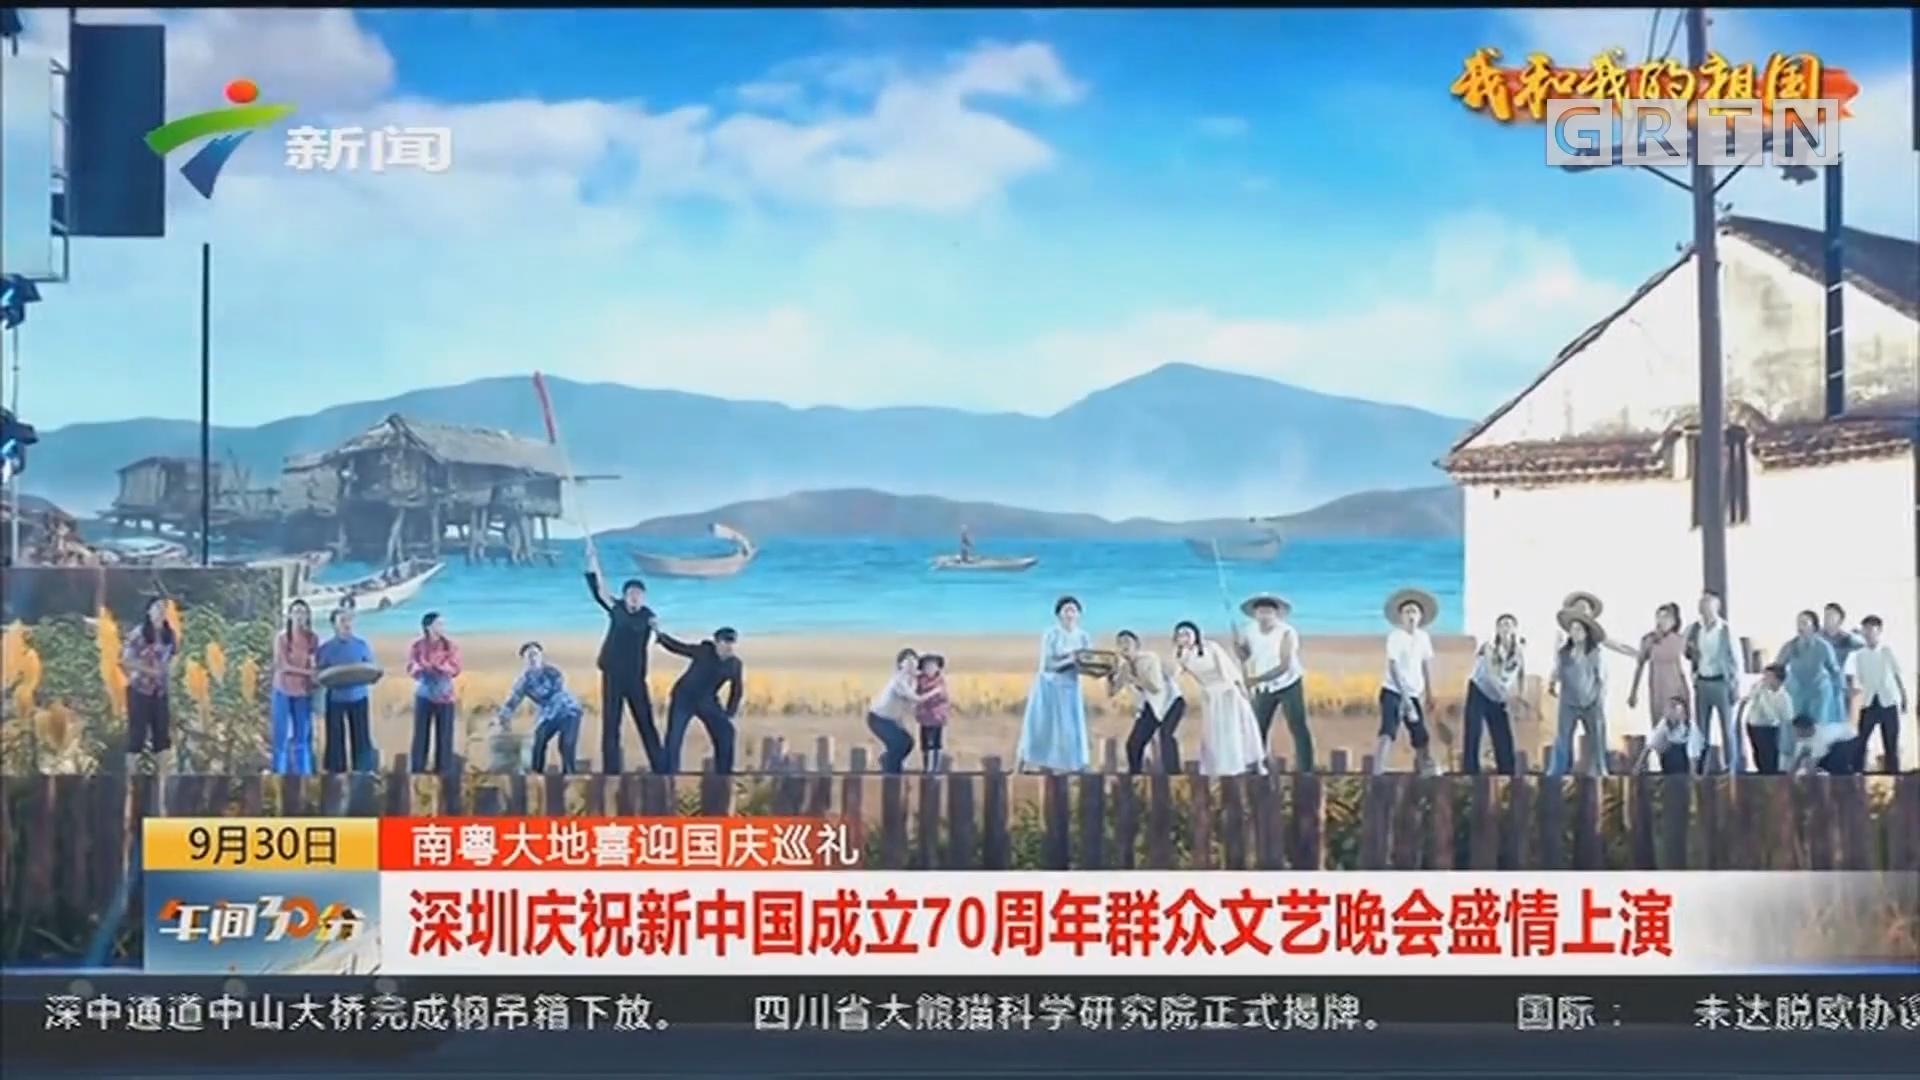 南粤大地喜迎国庆巡礼:深圳庆祝新中国成立70周年群众文艺晚会盛情上演